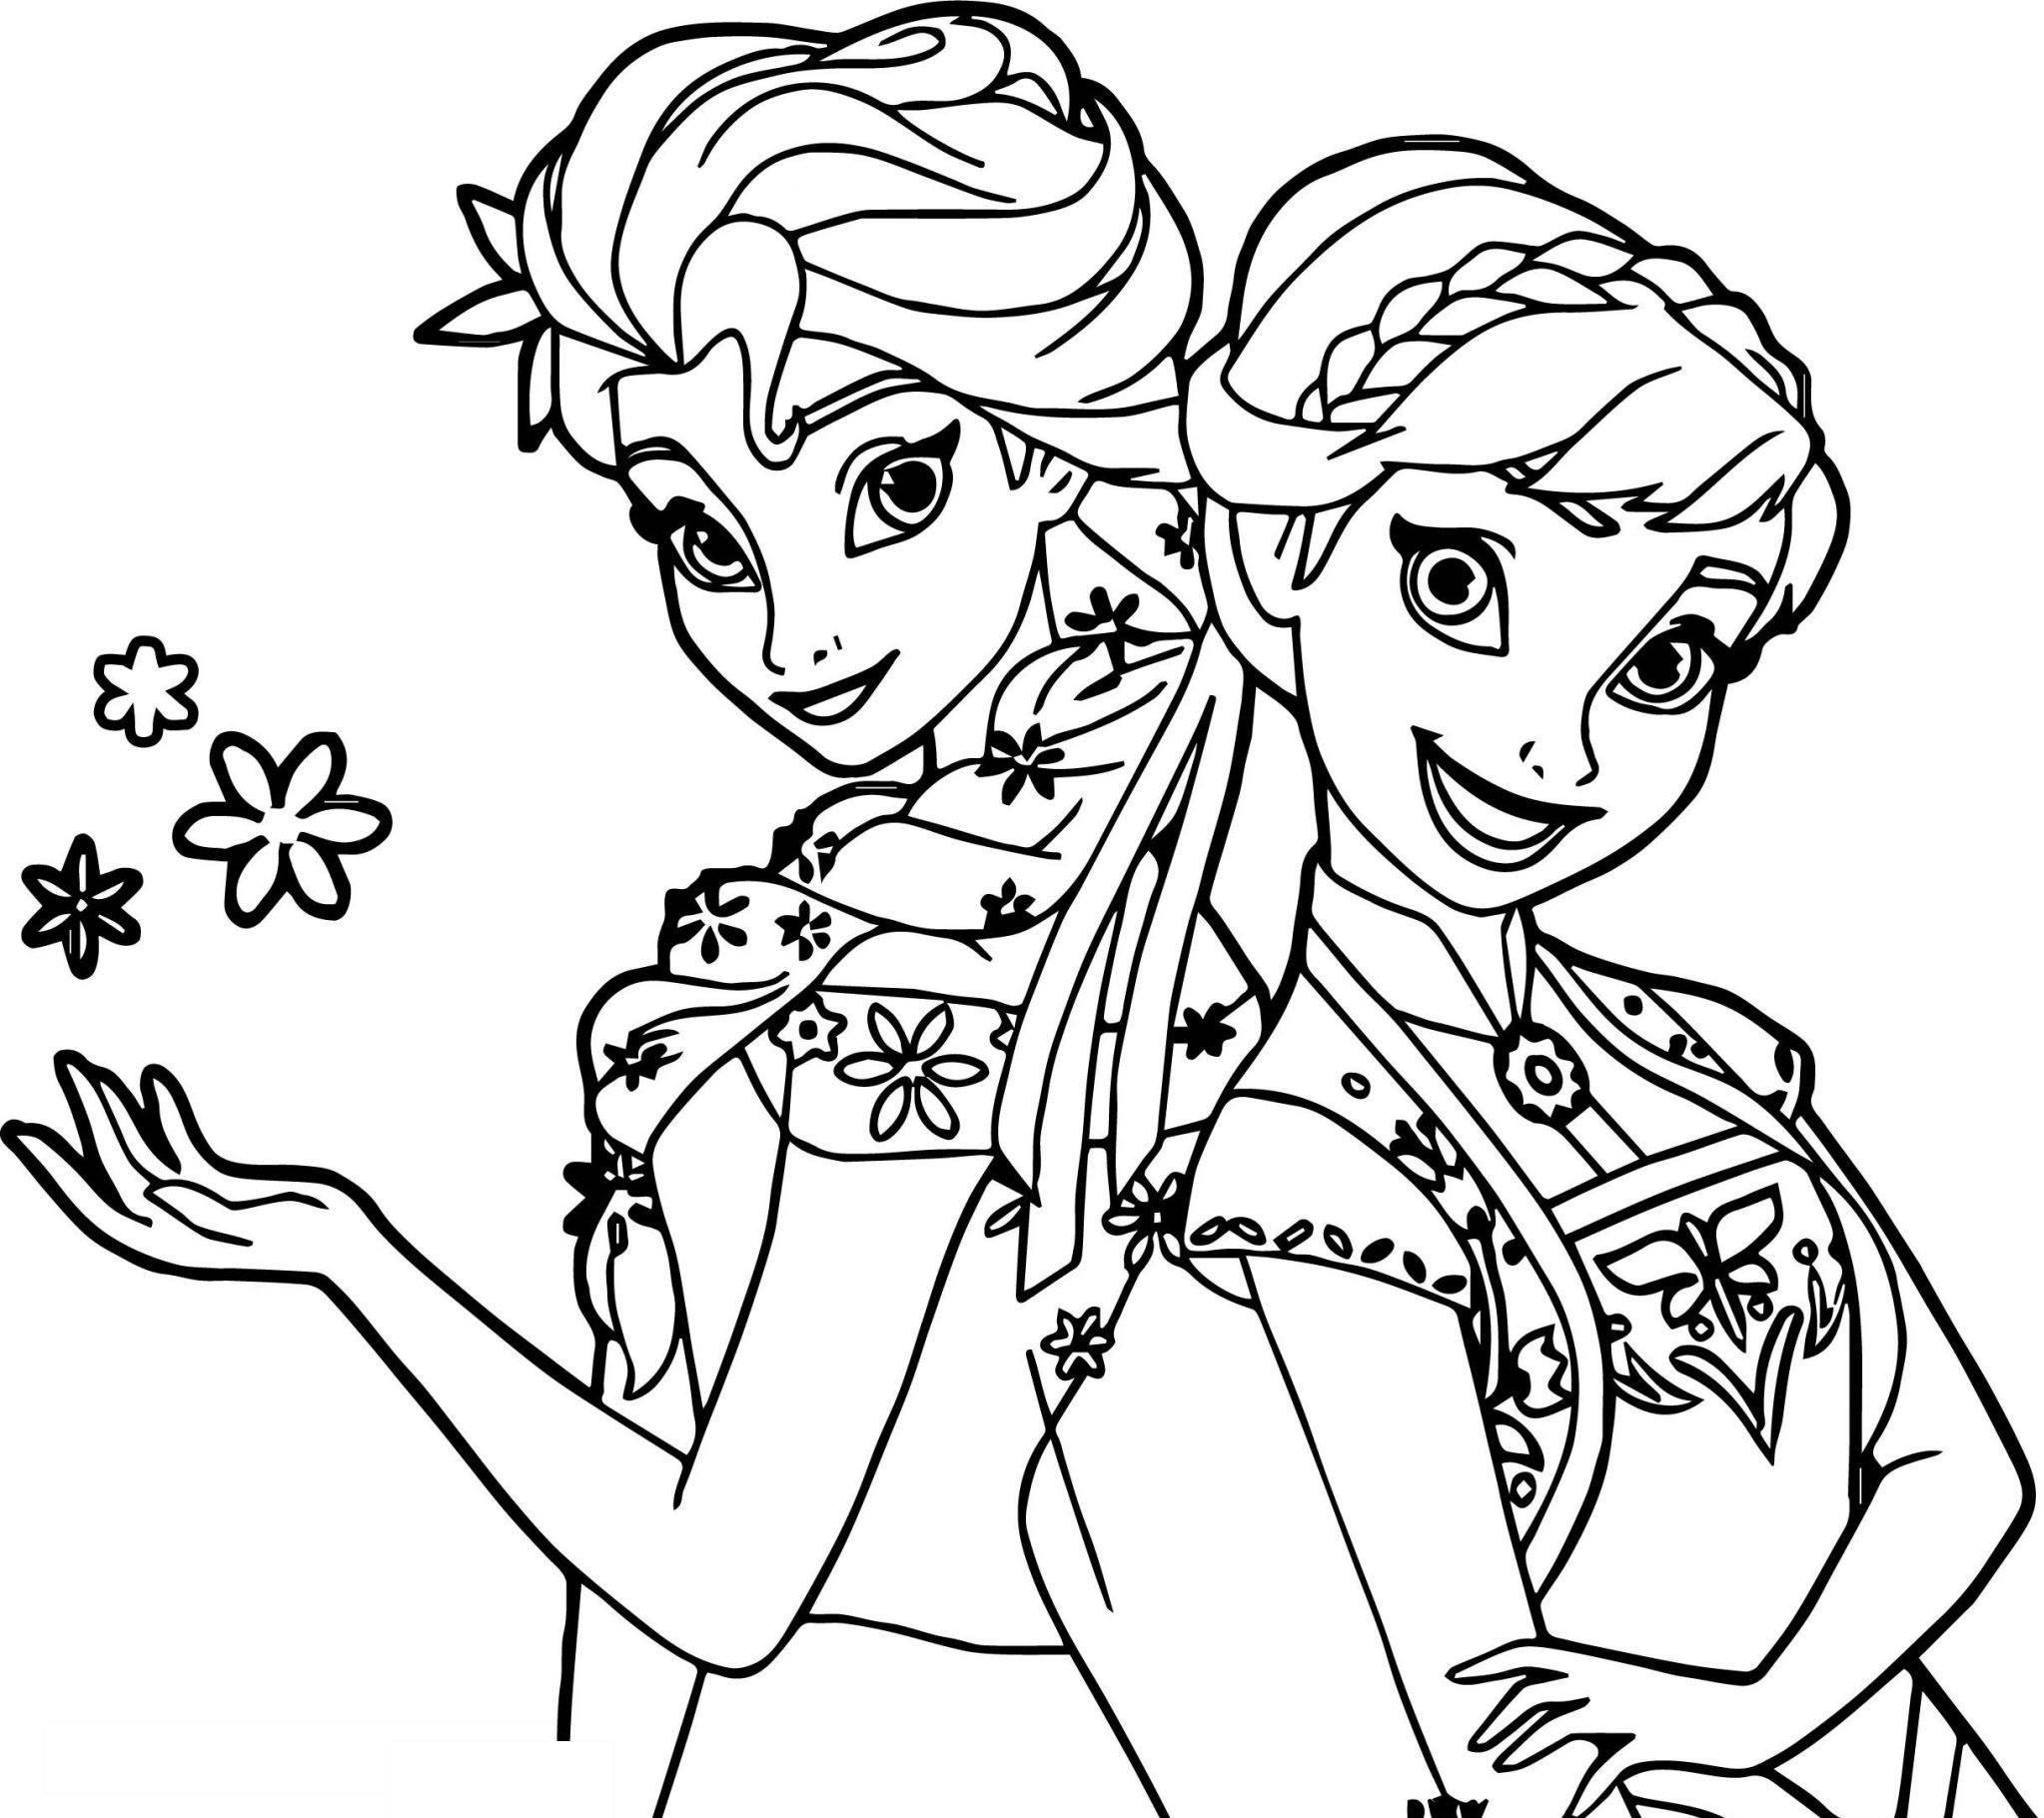 Tranh tô màu công chúa Elsa dễ thương cực đẹp cho bé